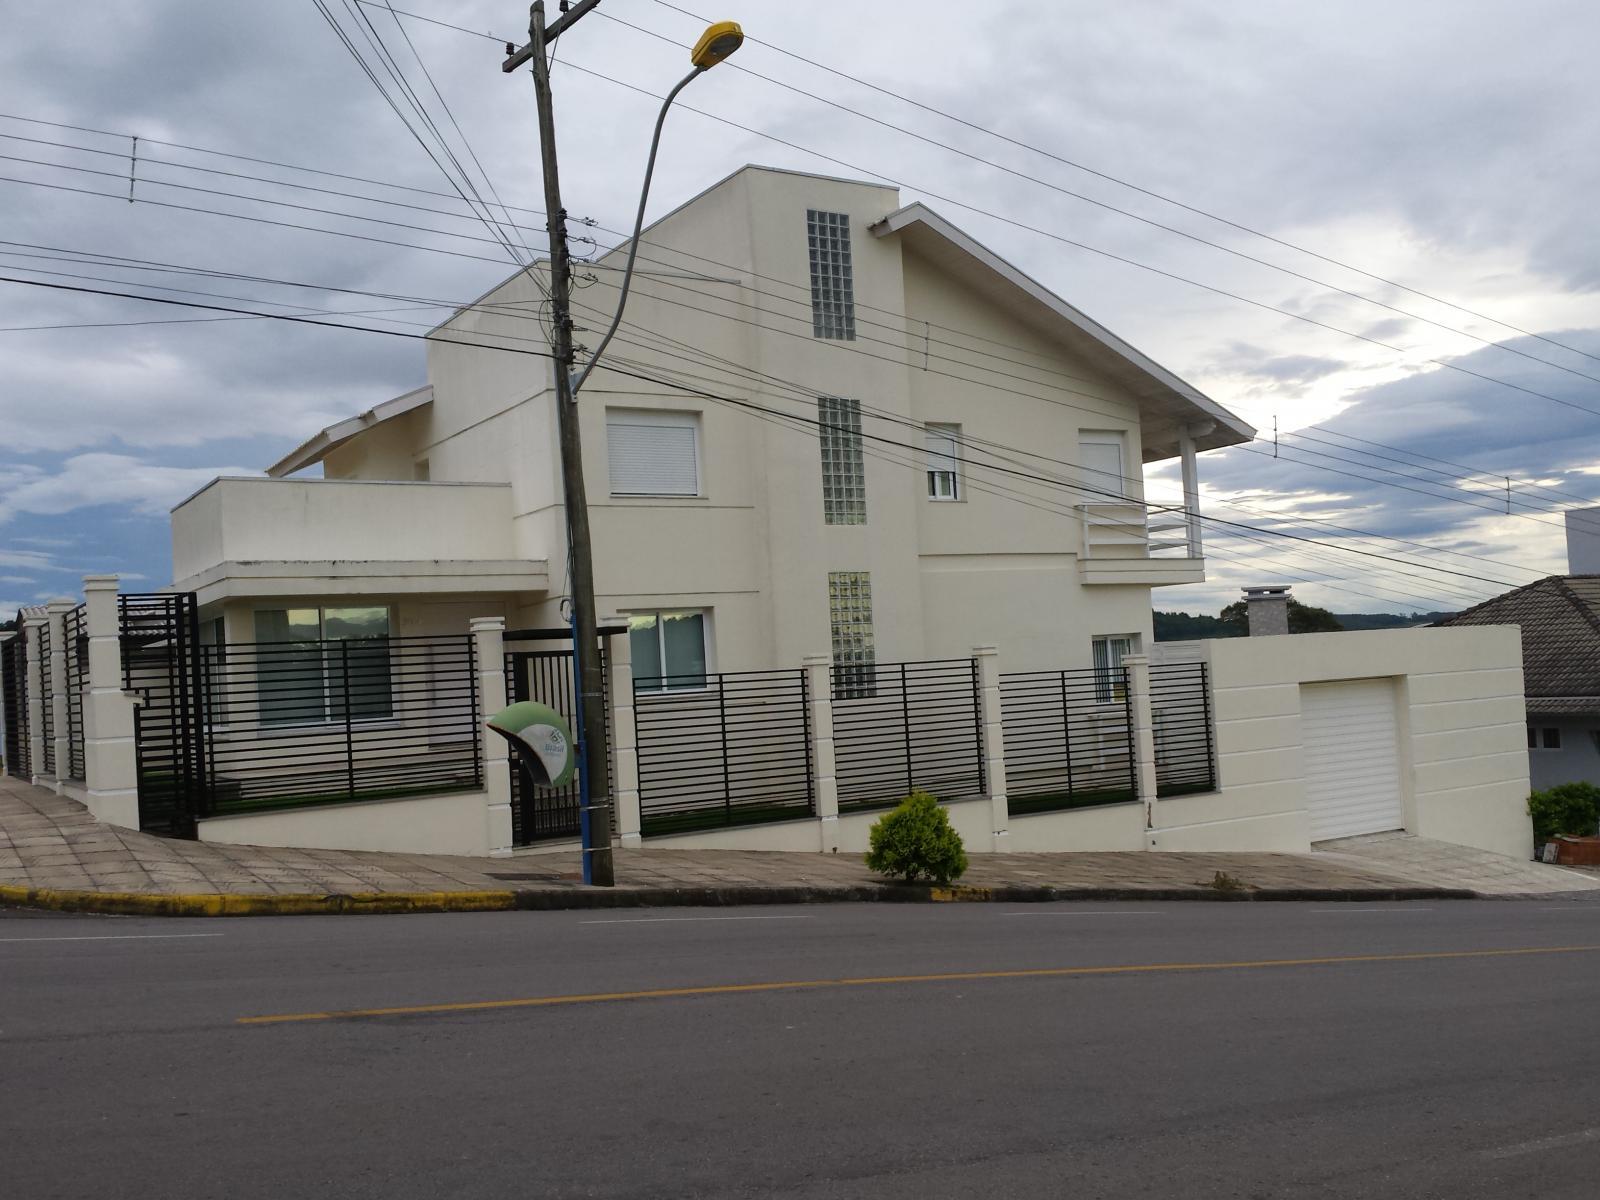 Casa Monte Bello